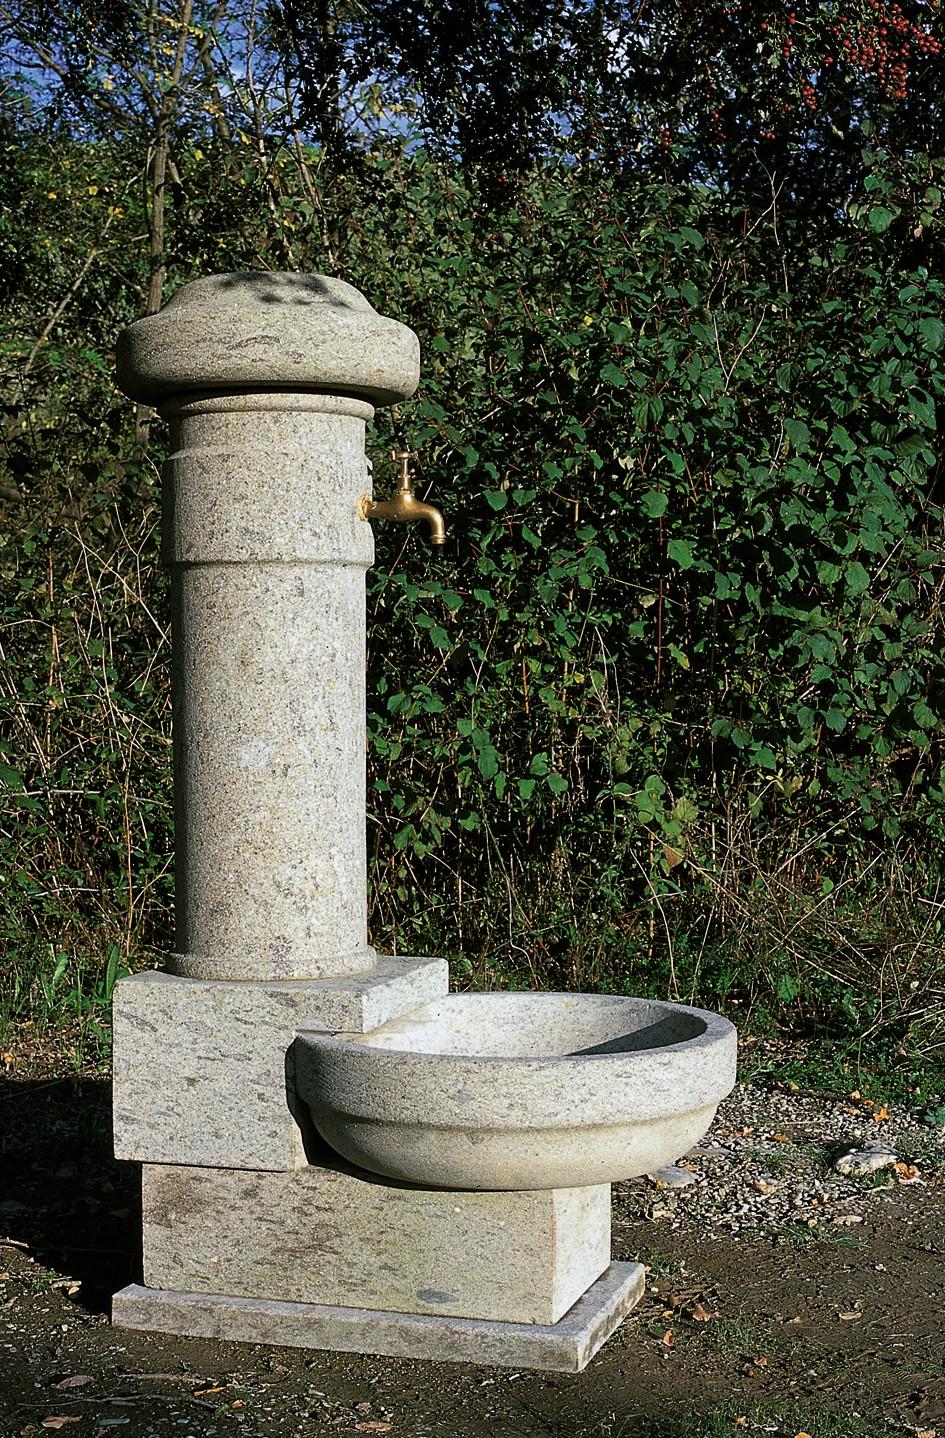 Fontane toscana marmi lavorazione e vendita di - Fontane in marmo da giardino ...